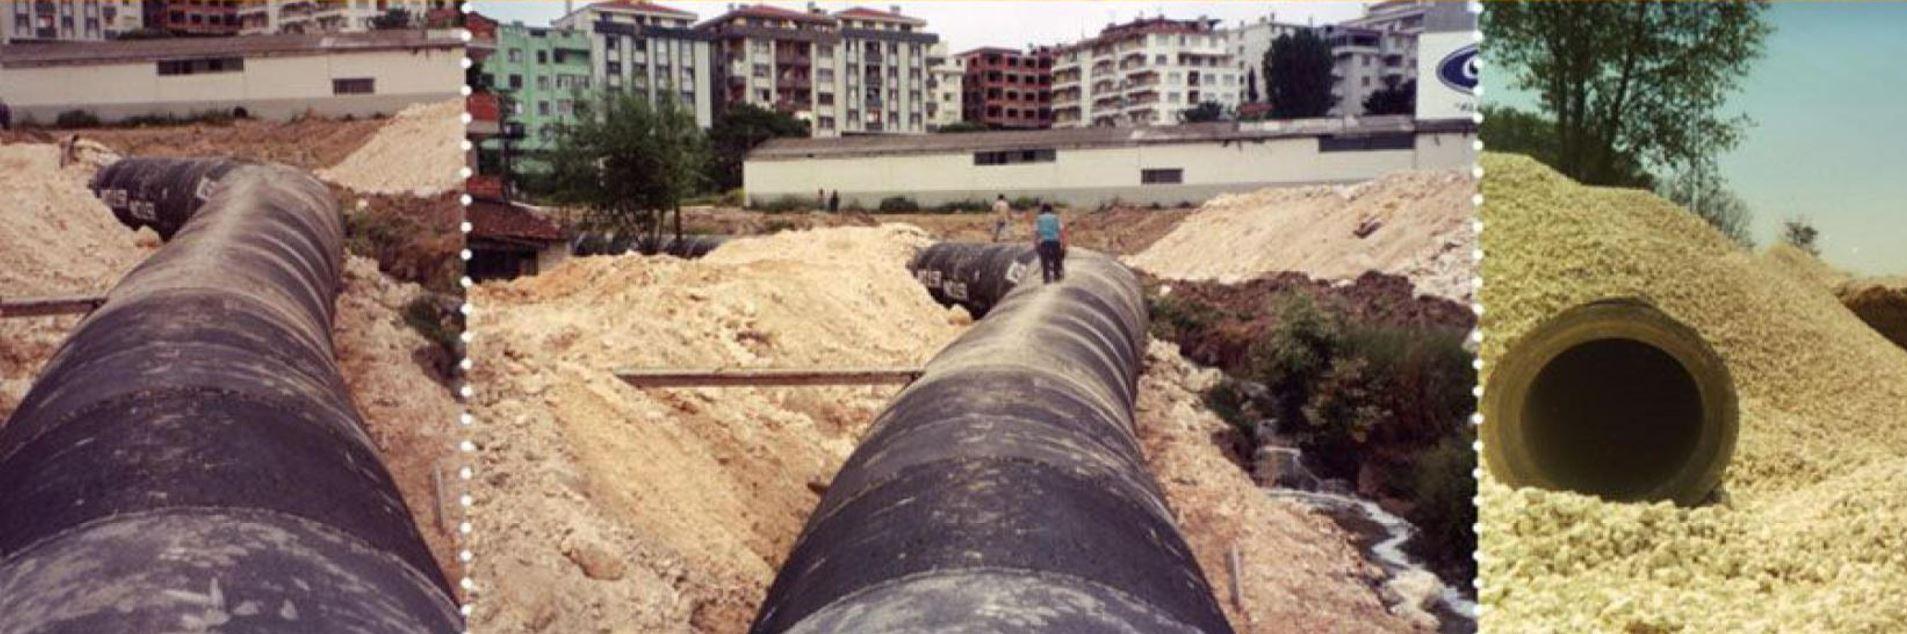 İstanbul Avcılar Saadet Deresi Islahı İnşaatı